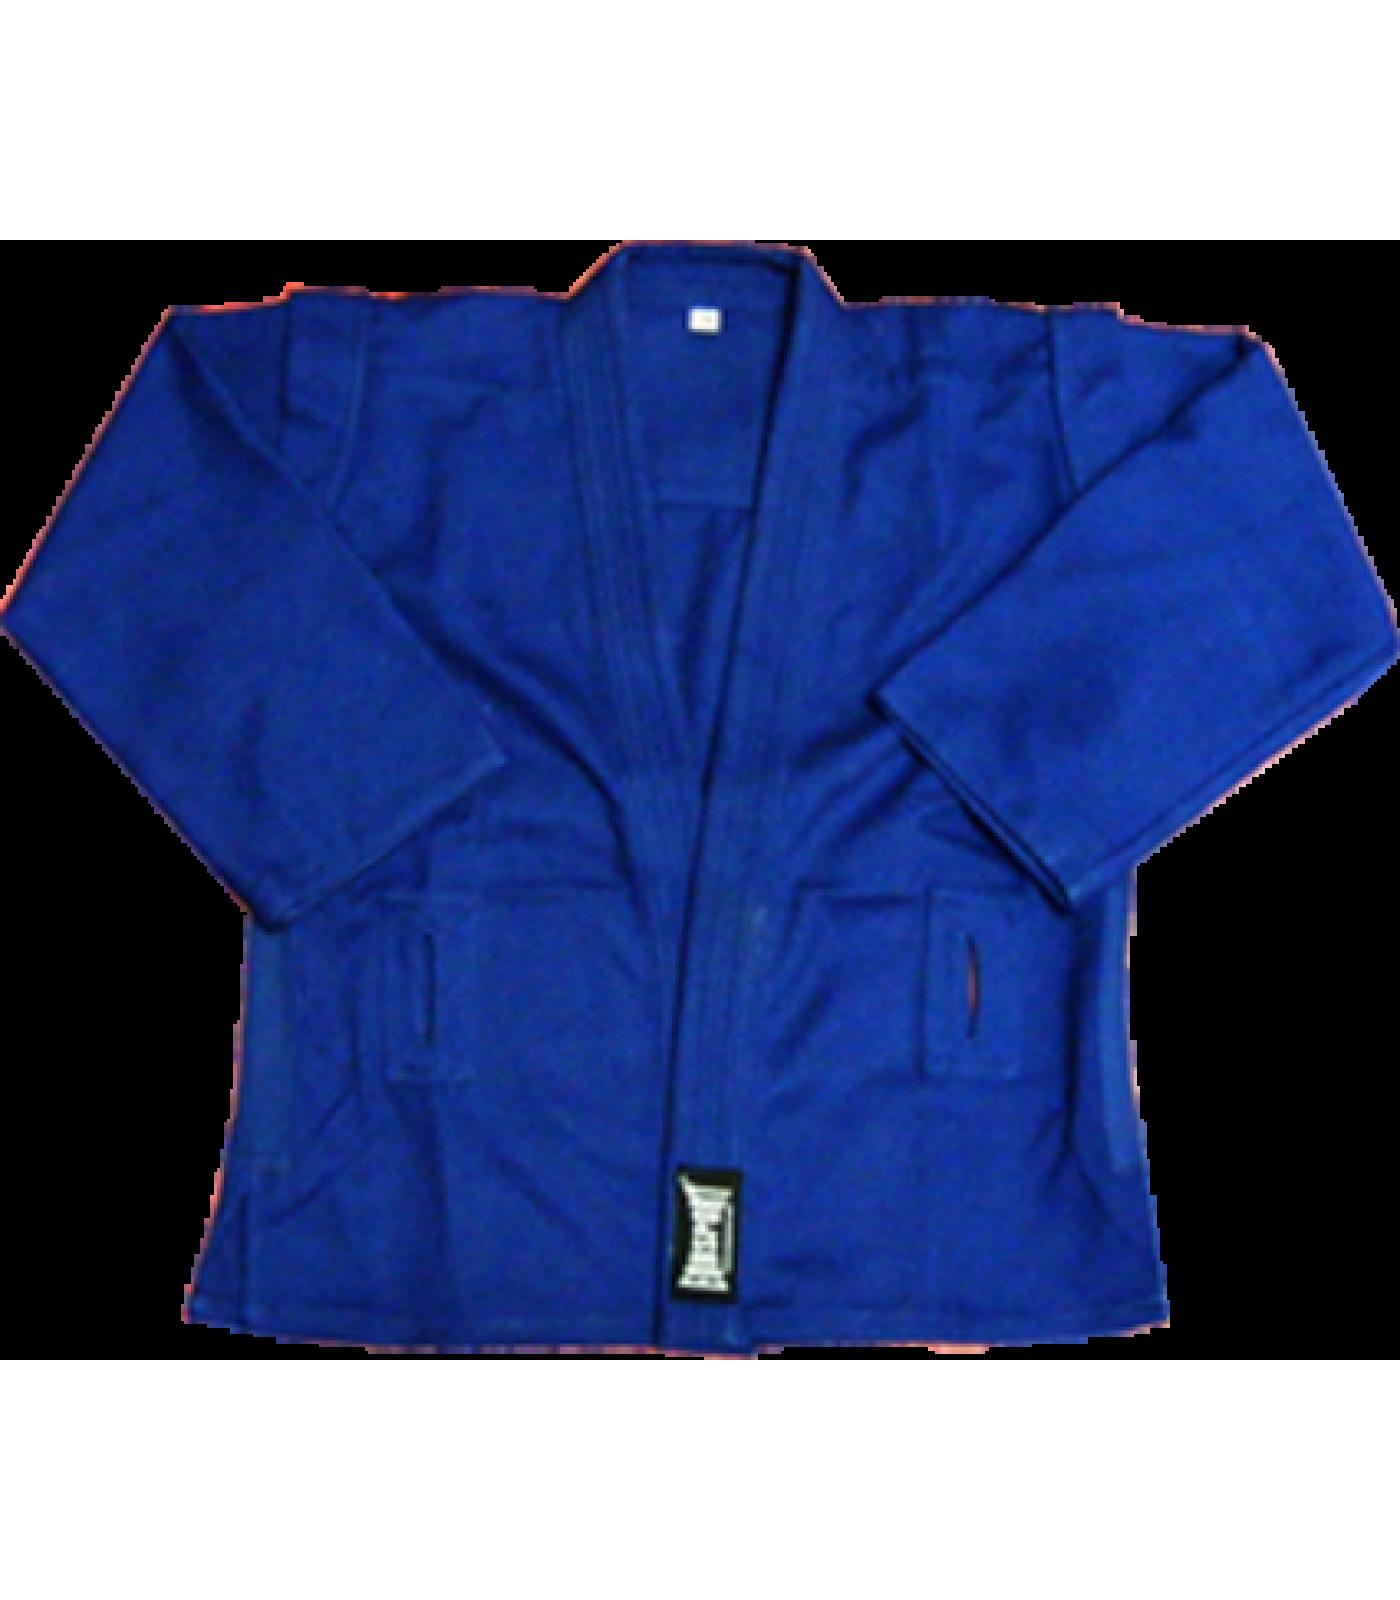 EON Sport - Самбо Куртка (160сm / Син)